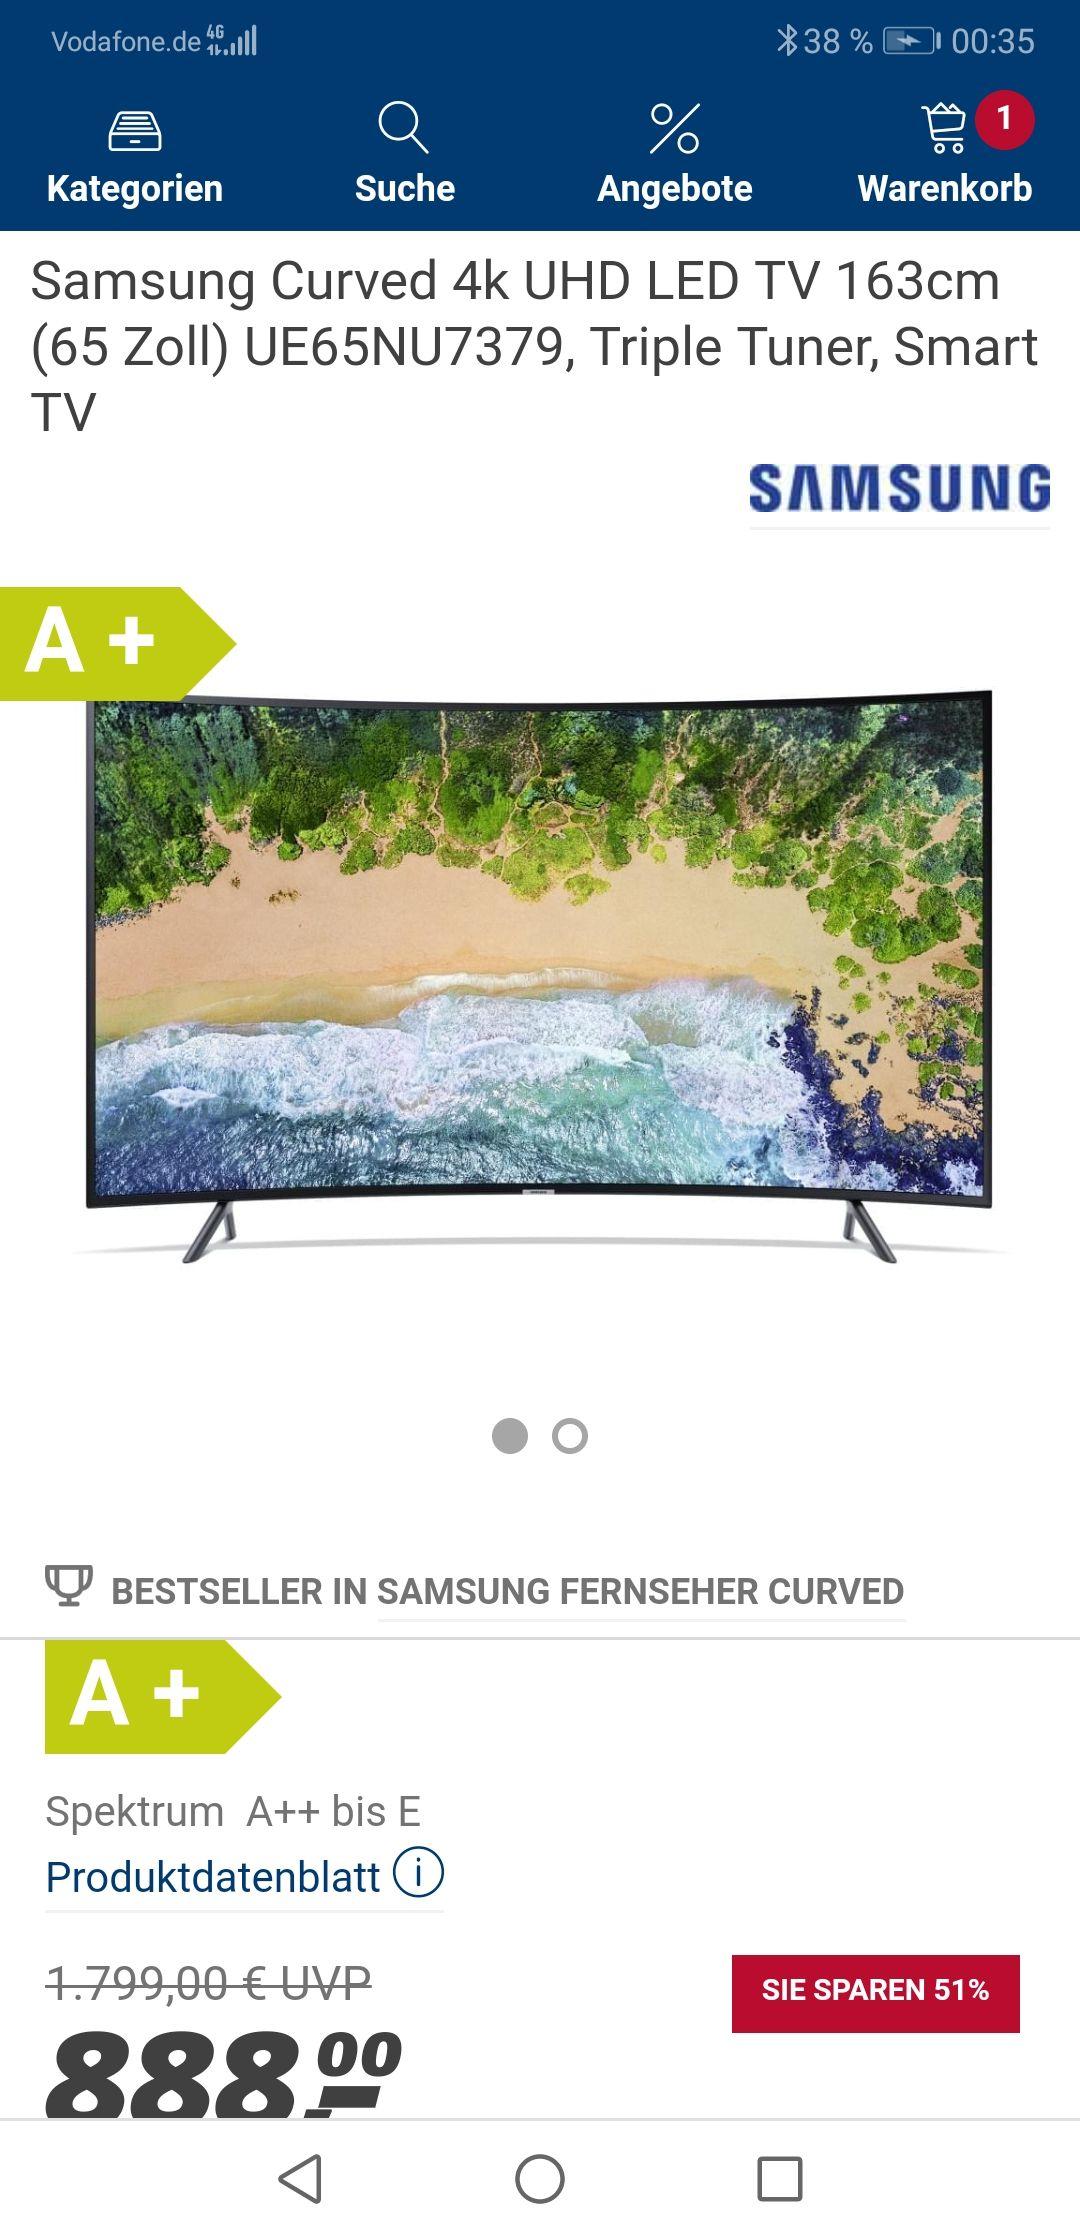 Samsung 65 zoll curved TV  ue65nu7379 bei real/ Versandkosten frei pvg bei idealo 929,99€